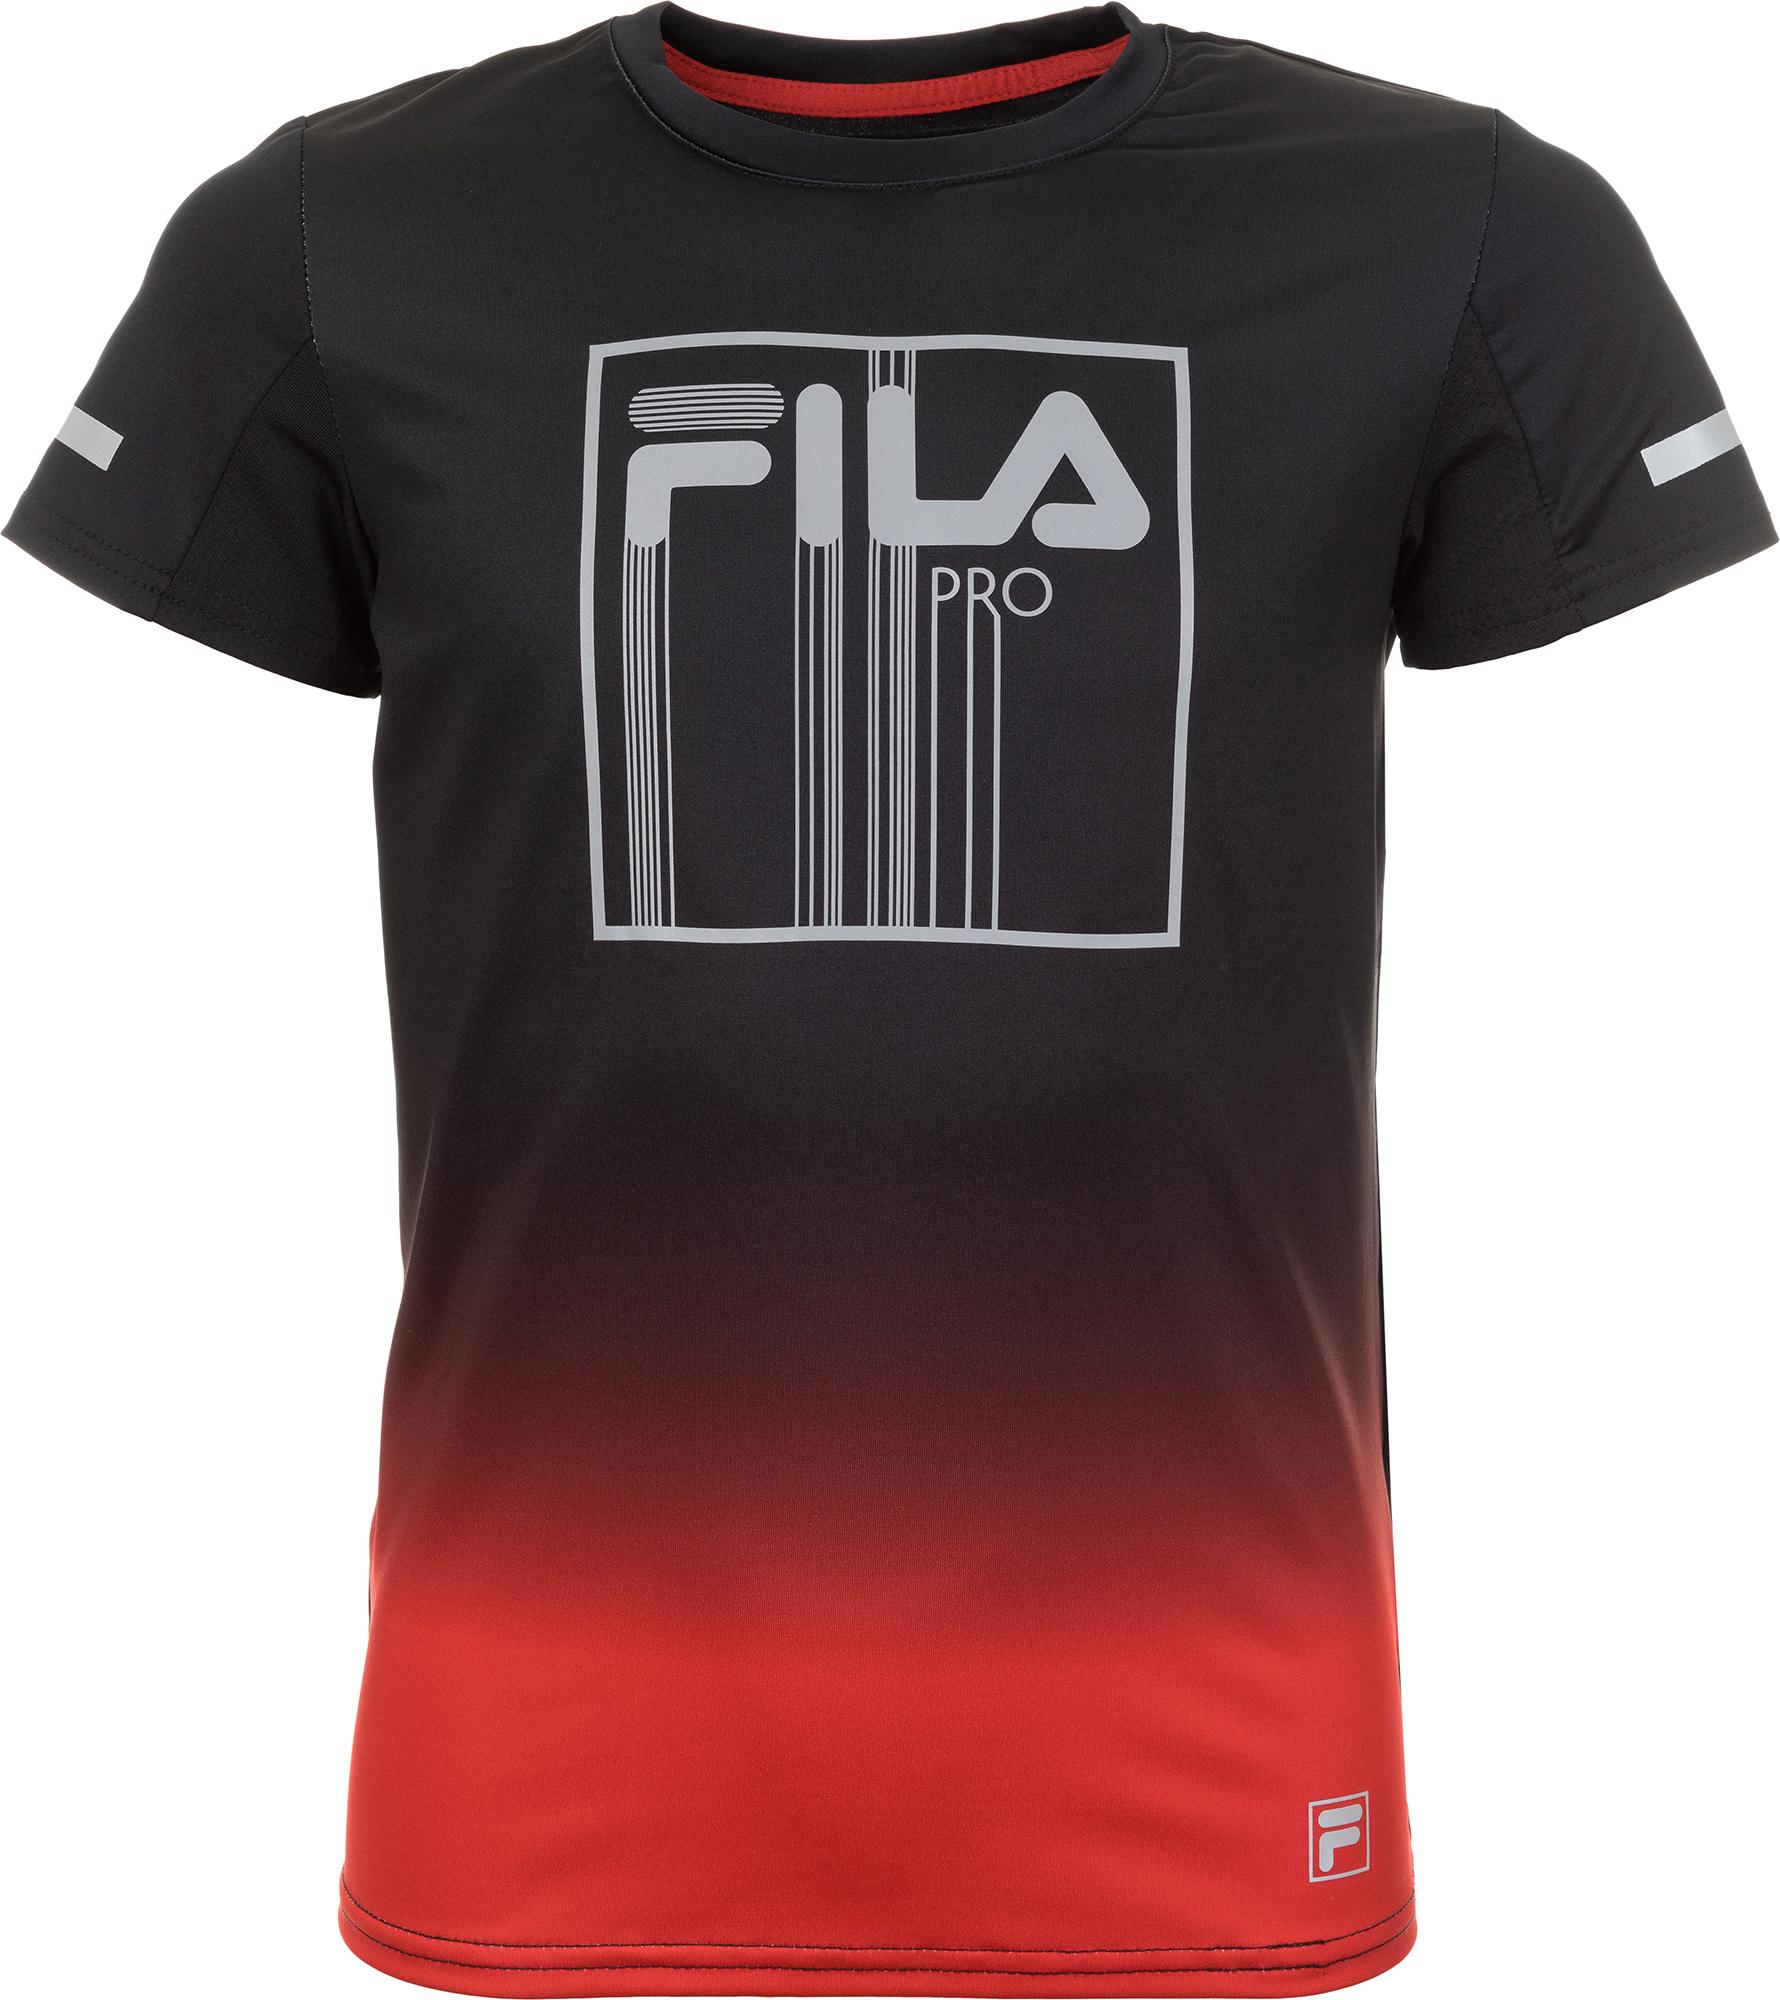 Fila Футболка для мальчиков Fila, размер 152 acoola сорочка верхняя детская для мальчиков синяя цвет синий размер 152 21110280002